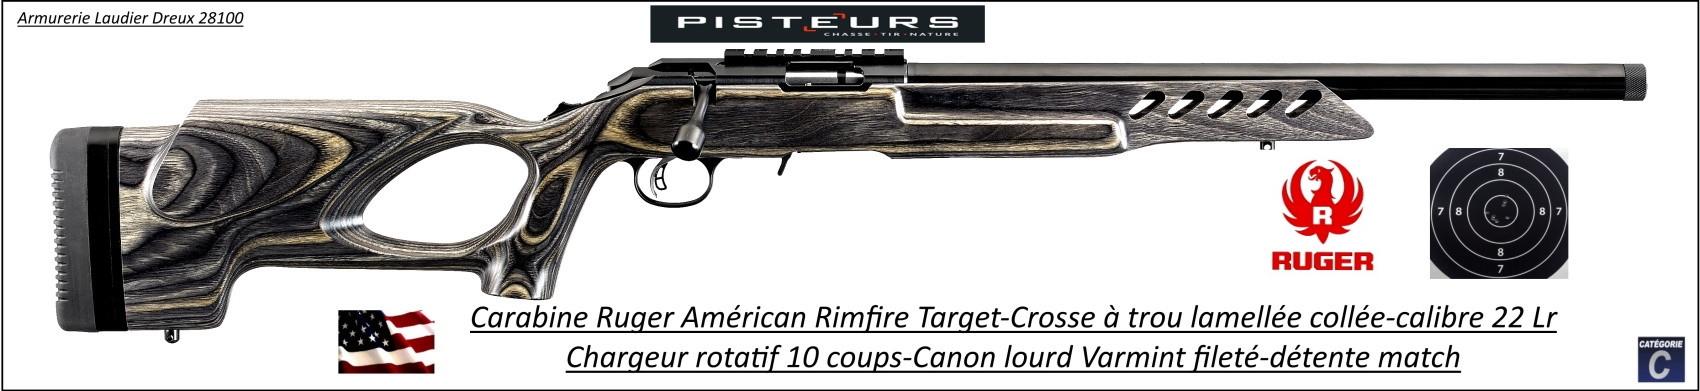 Carabine Ruger American rimfire Target calibre 22 Lr crosse laméllée collée  trou de pouce répétition-chargeur 10 coups-Promotion-Ref 32502139